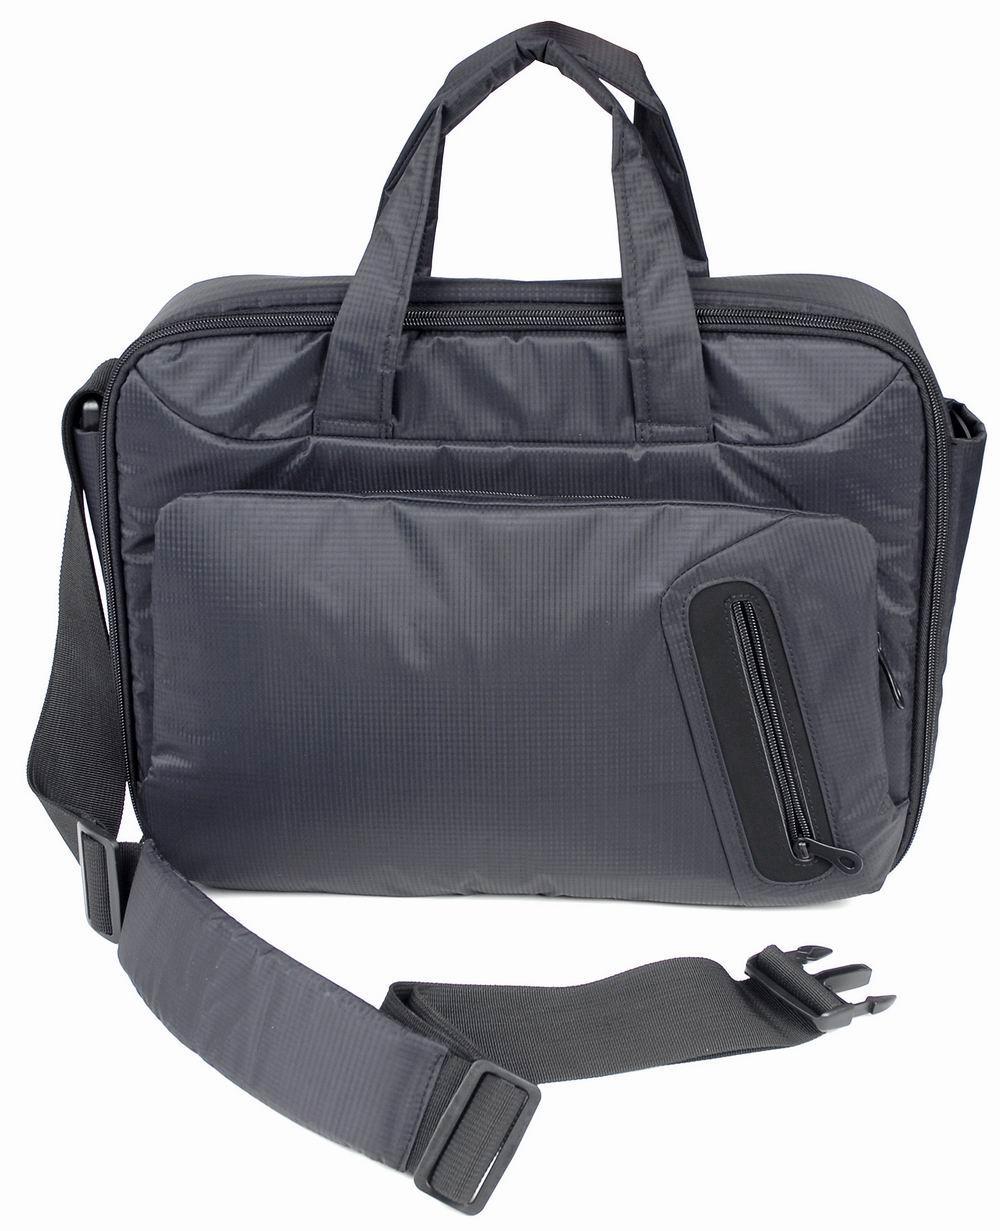 """Сумка для ноутбука Jet.A LB15-24 до 15,6"""" (Черный, качественный нейлон/полиэстер, современный дизайн, SIZE 415*80*315мм)"""